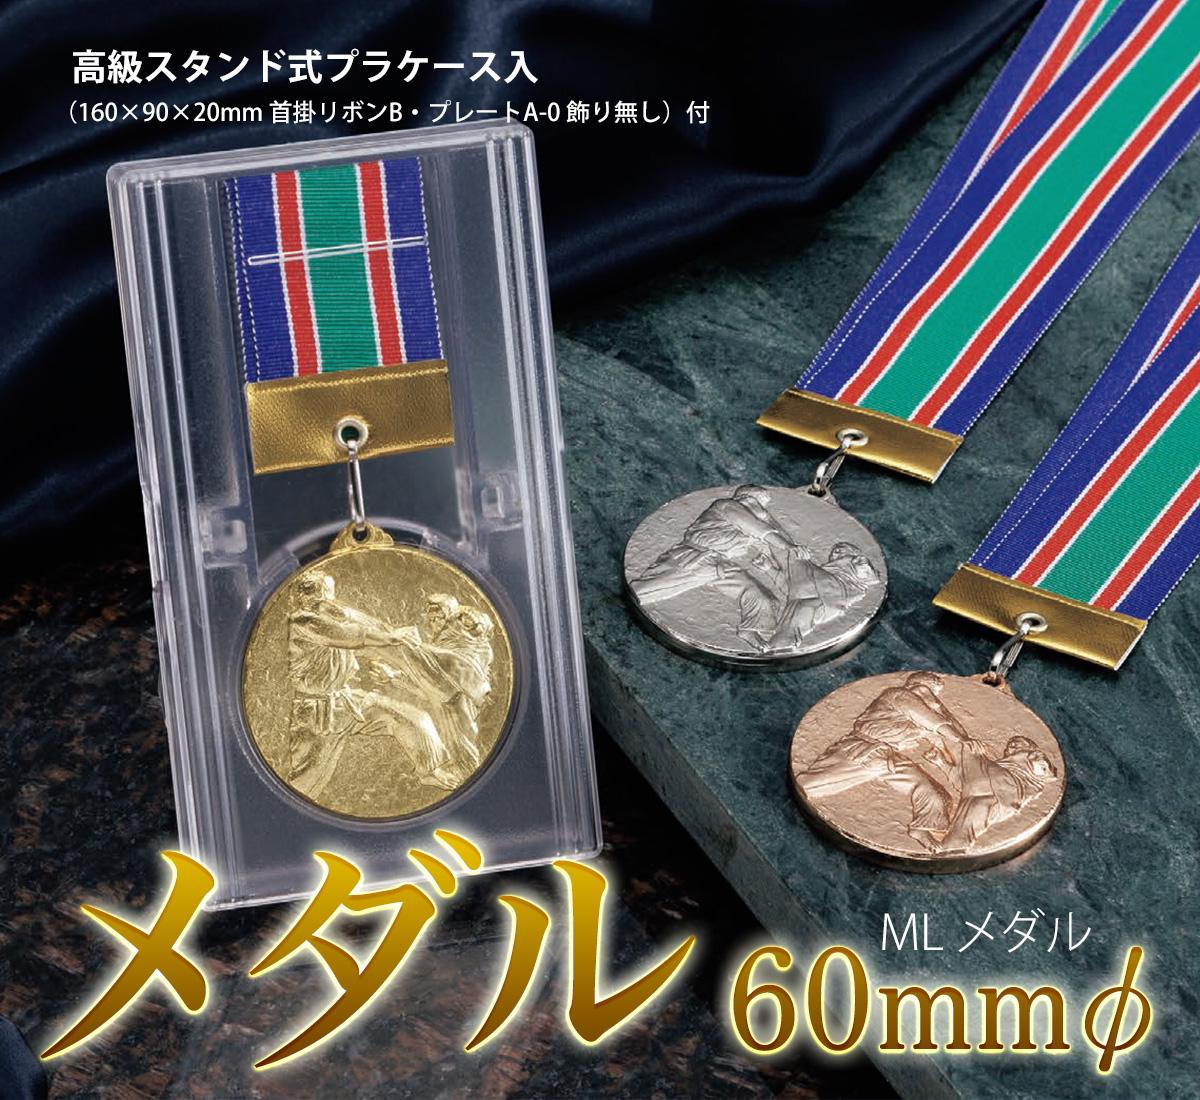 メダル 60mmφ MLメダル画像